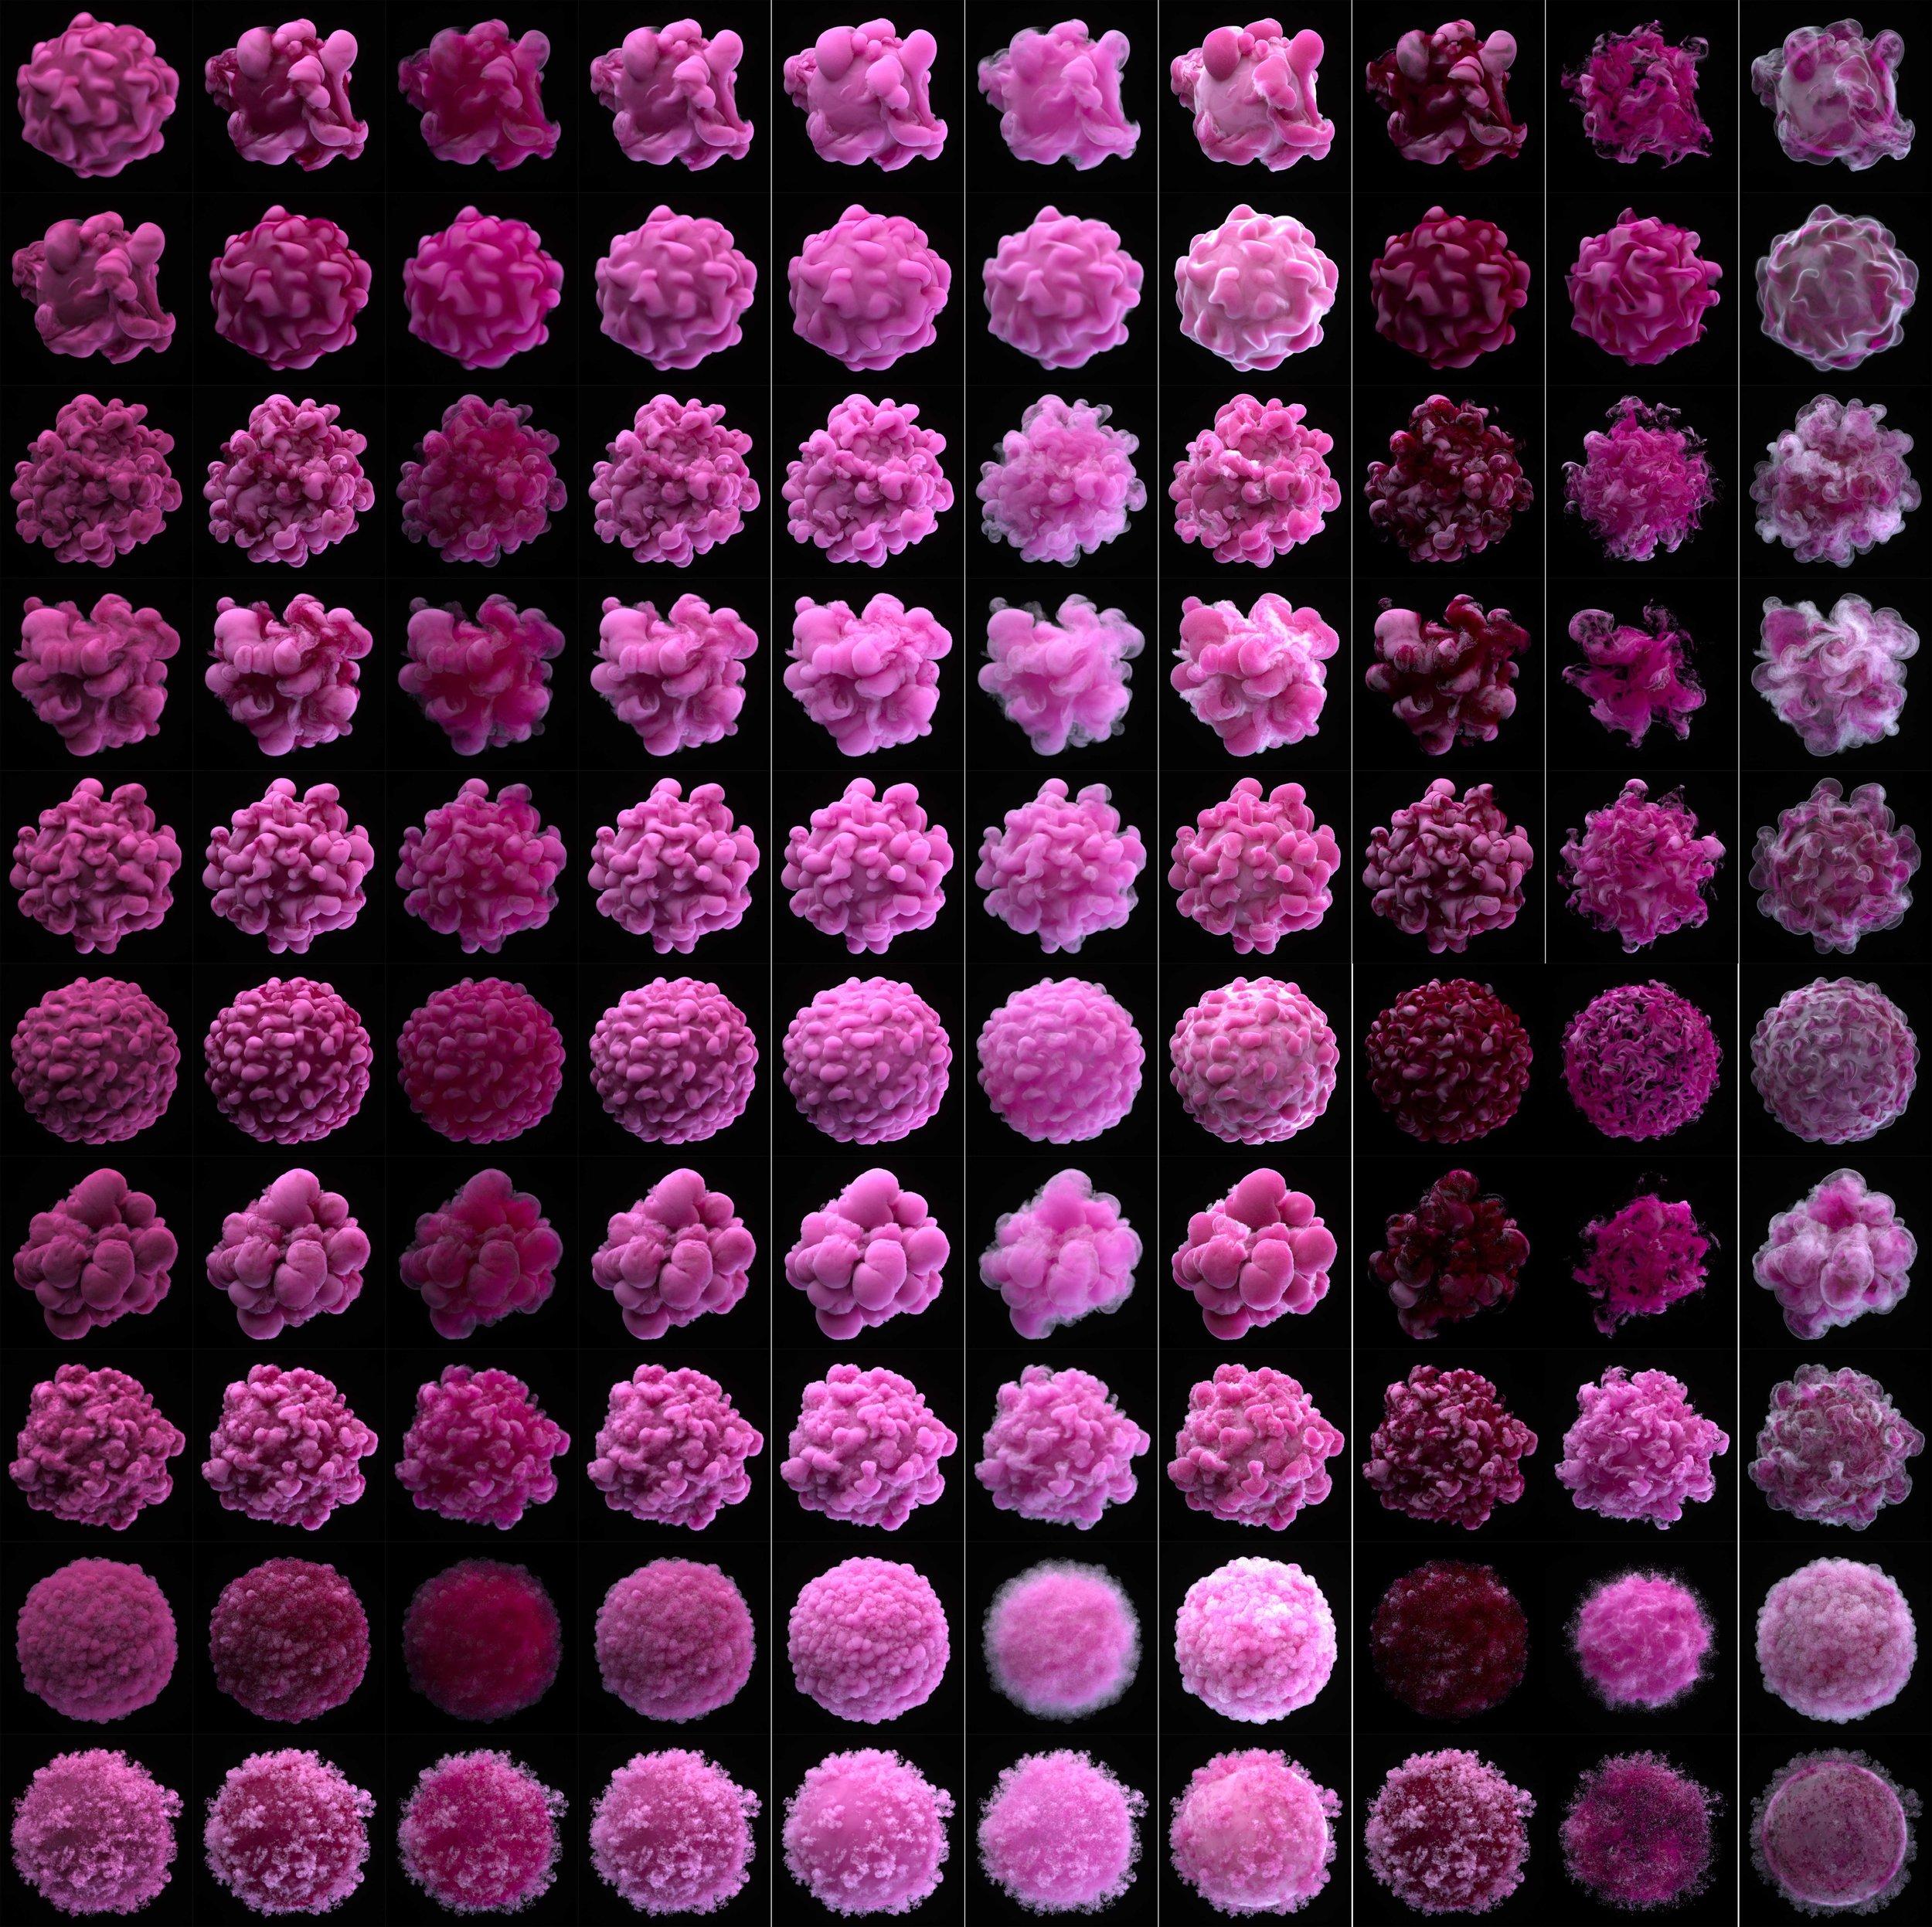 VDB - Cotton Candy Thumbs.jpg